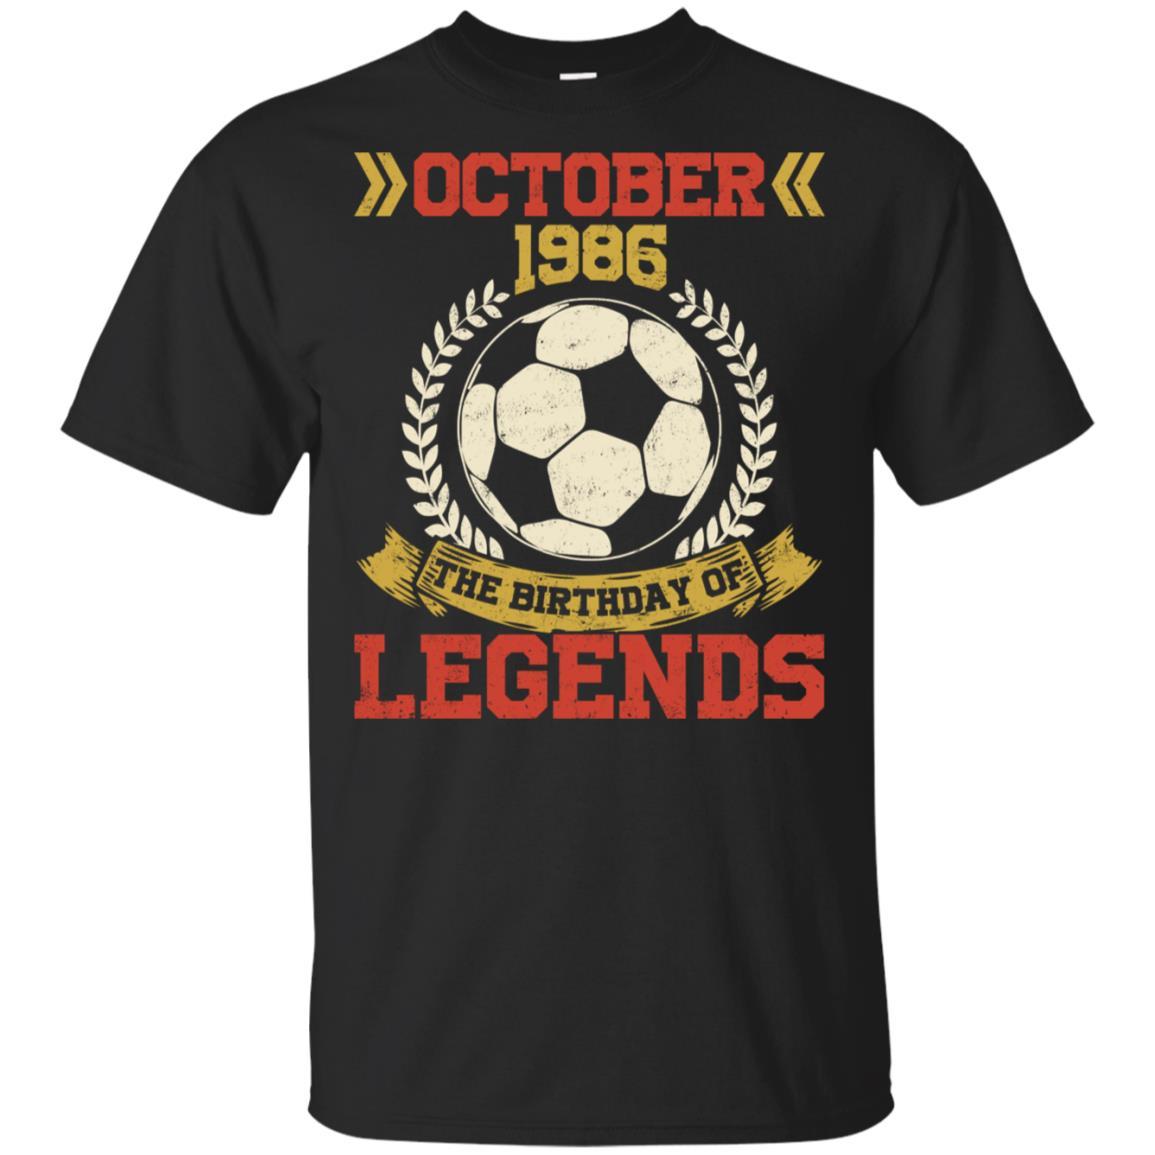 1986 October 32nd Birthday Of Football Soccer Legend Unisex Short Sleeve